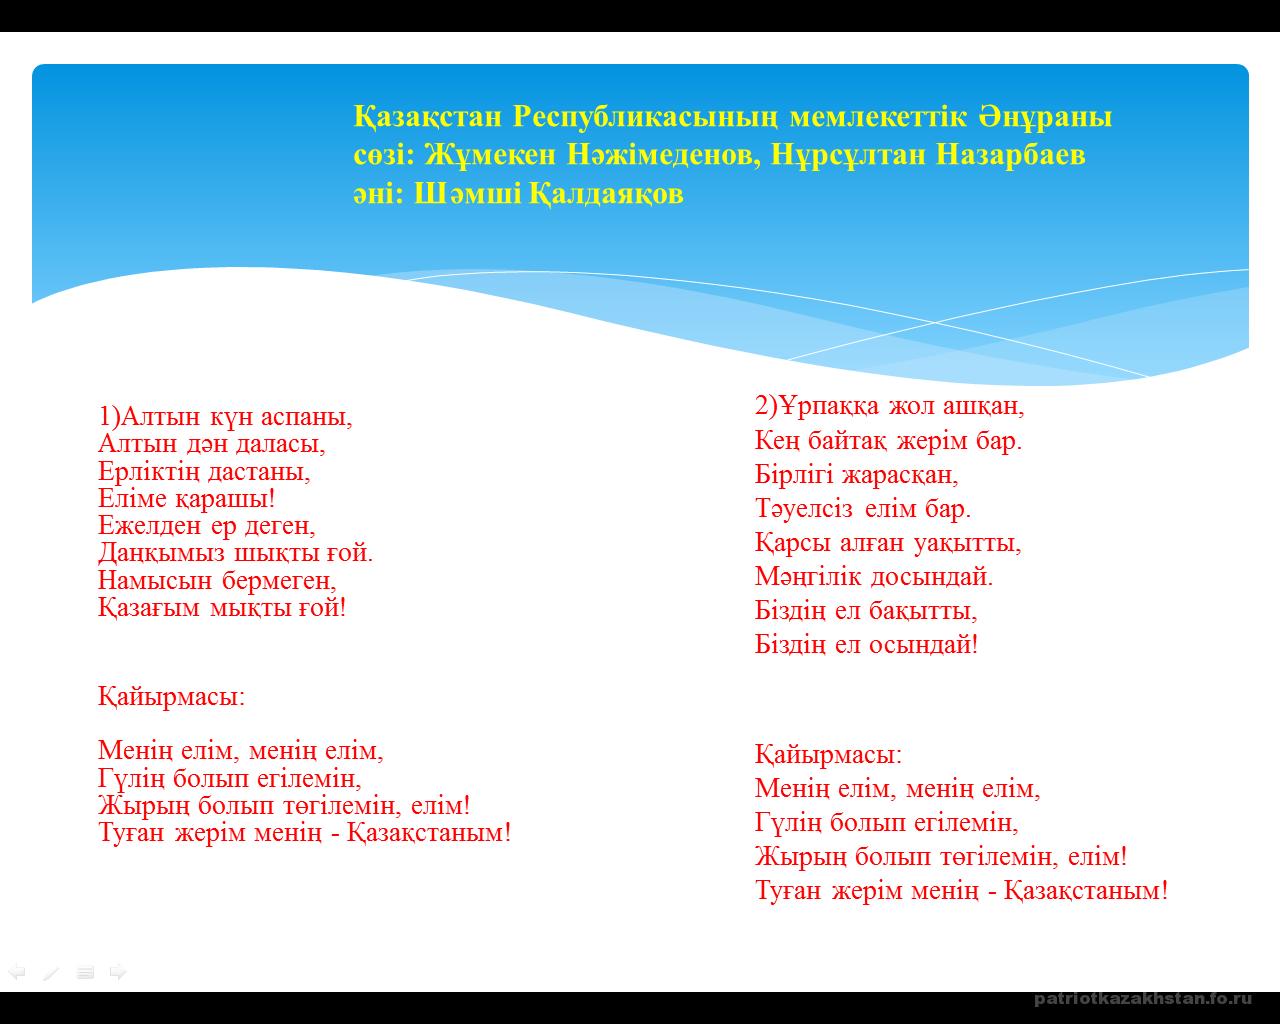 ЖАСА КАЗАКСТАН МИНУС СКАЧАТЬ БЕСПЛАТНО